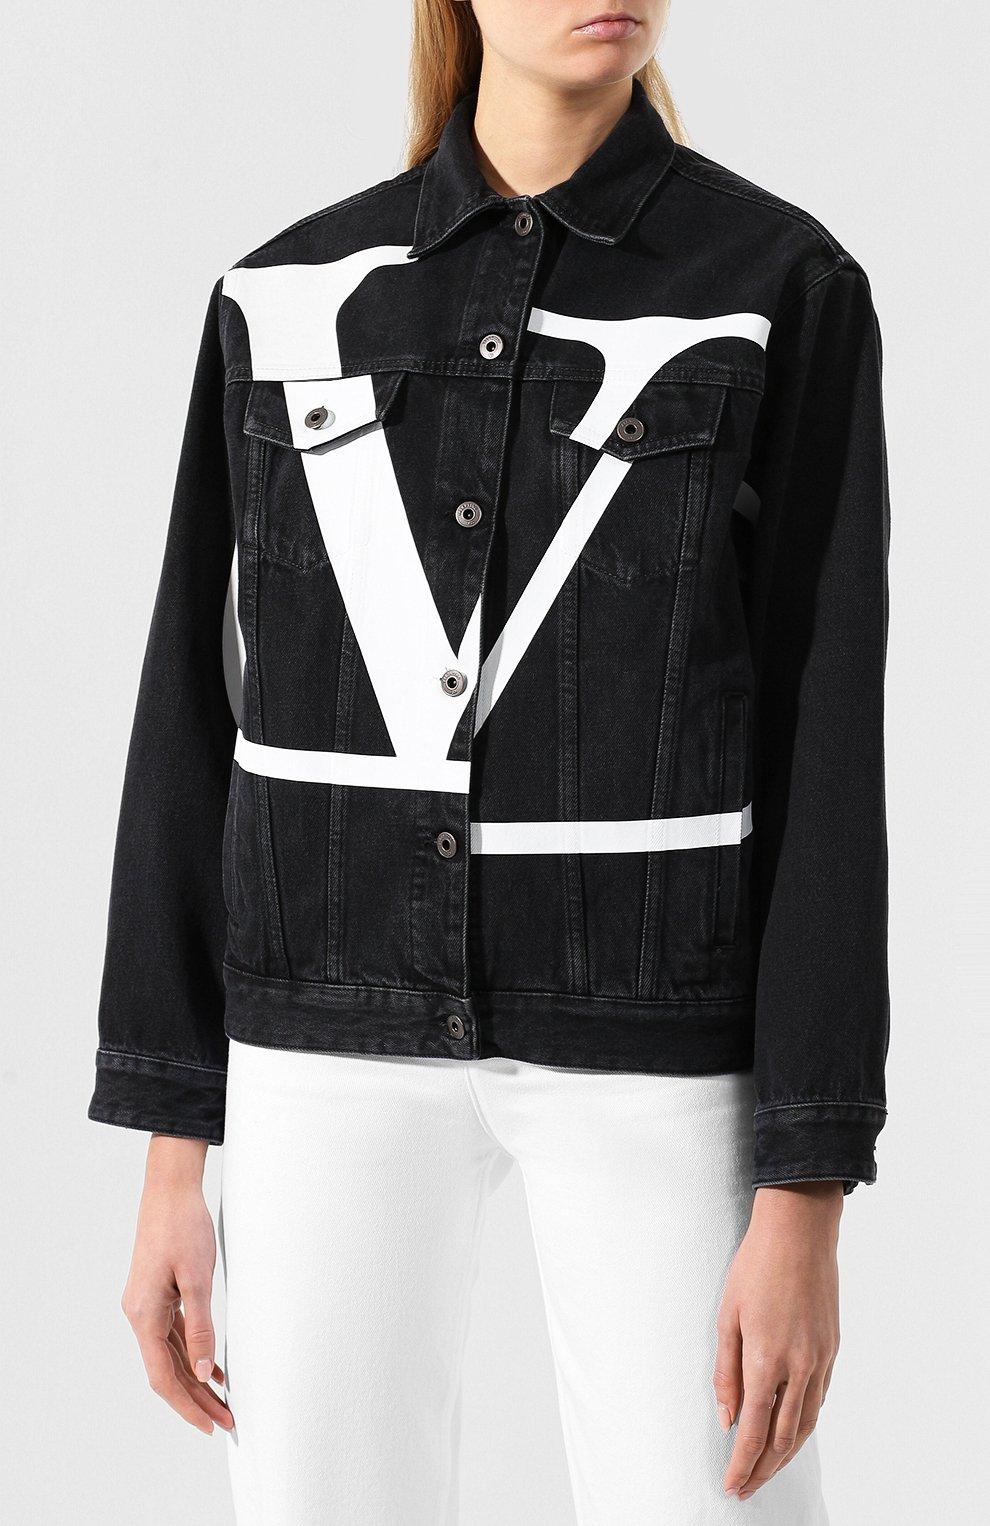 Джинсовая куртка Valentino черная | Фото №3